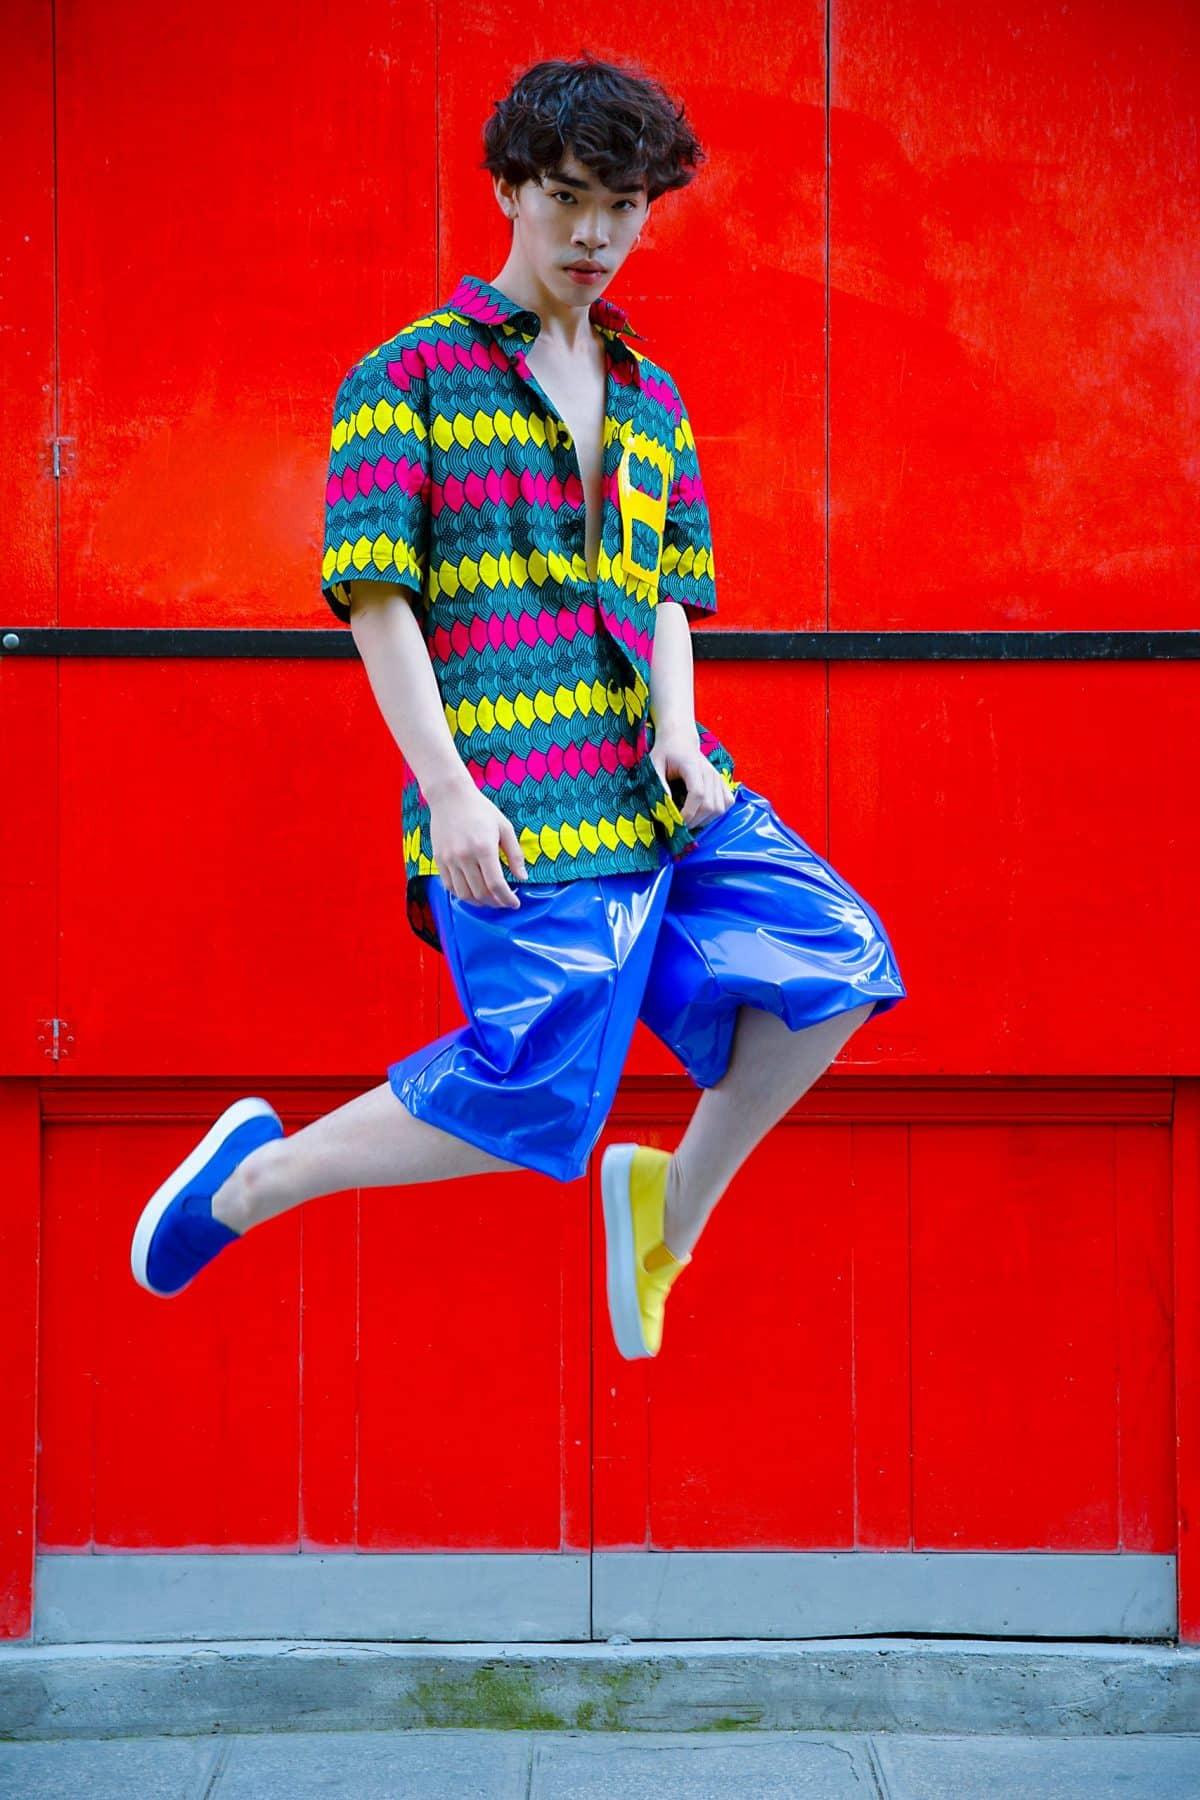 Les-vêtements-dessinés-par-Sakina-Msa-sont-100-recyclés-issus-des-poubelles-de-la-haute-couture©Sakina-Msa-